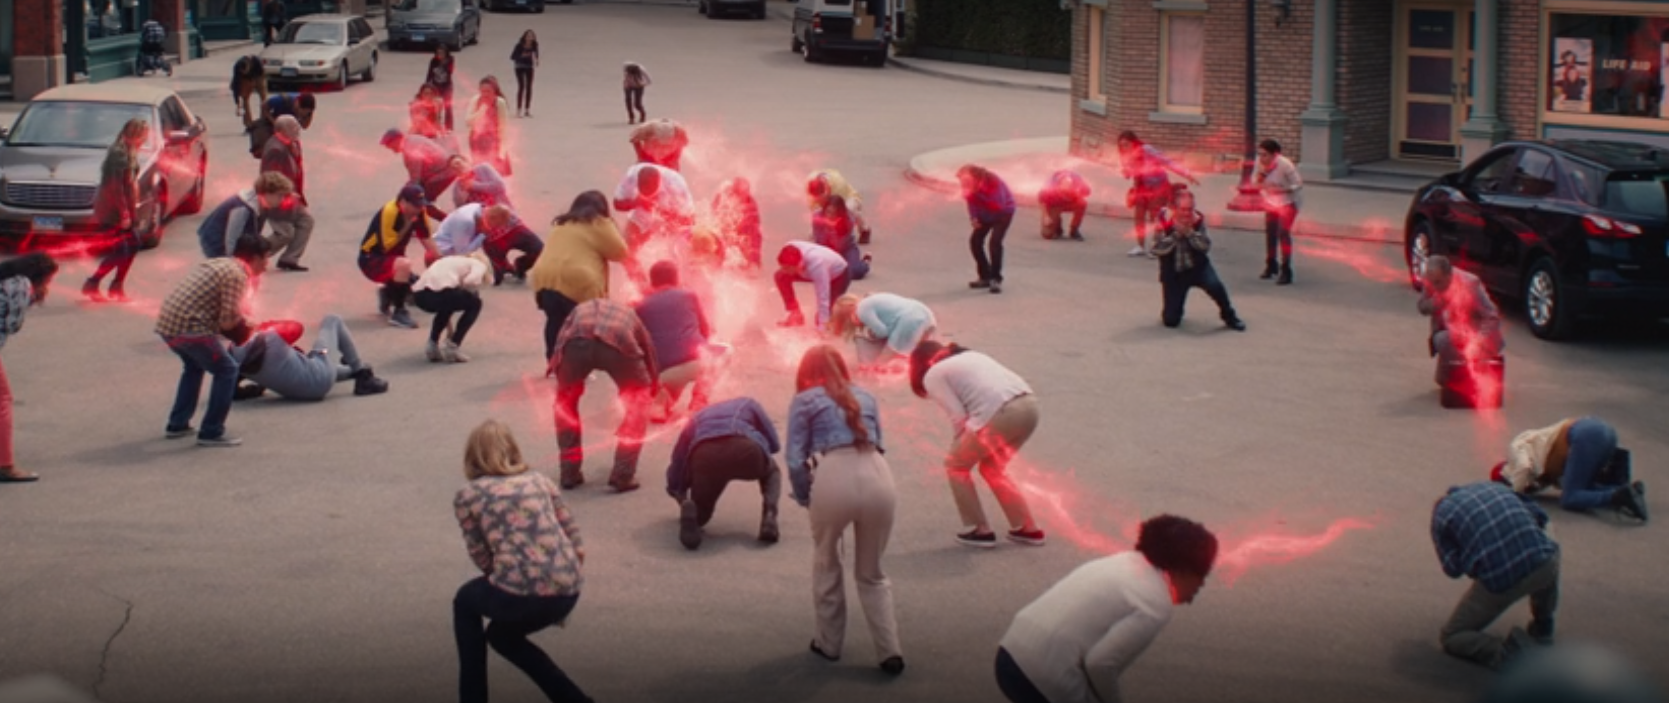 TẬP CUỐI WandaVision bùng nổ trận múa phép nảy lửa của hội chị đại, giai đoạn mới vũ trụ Marvel có đang chờ đón? - Ảnh 6.